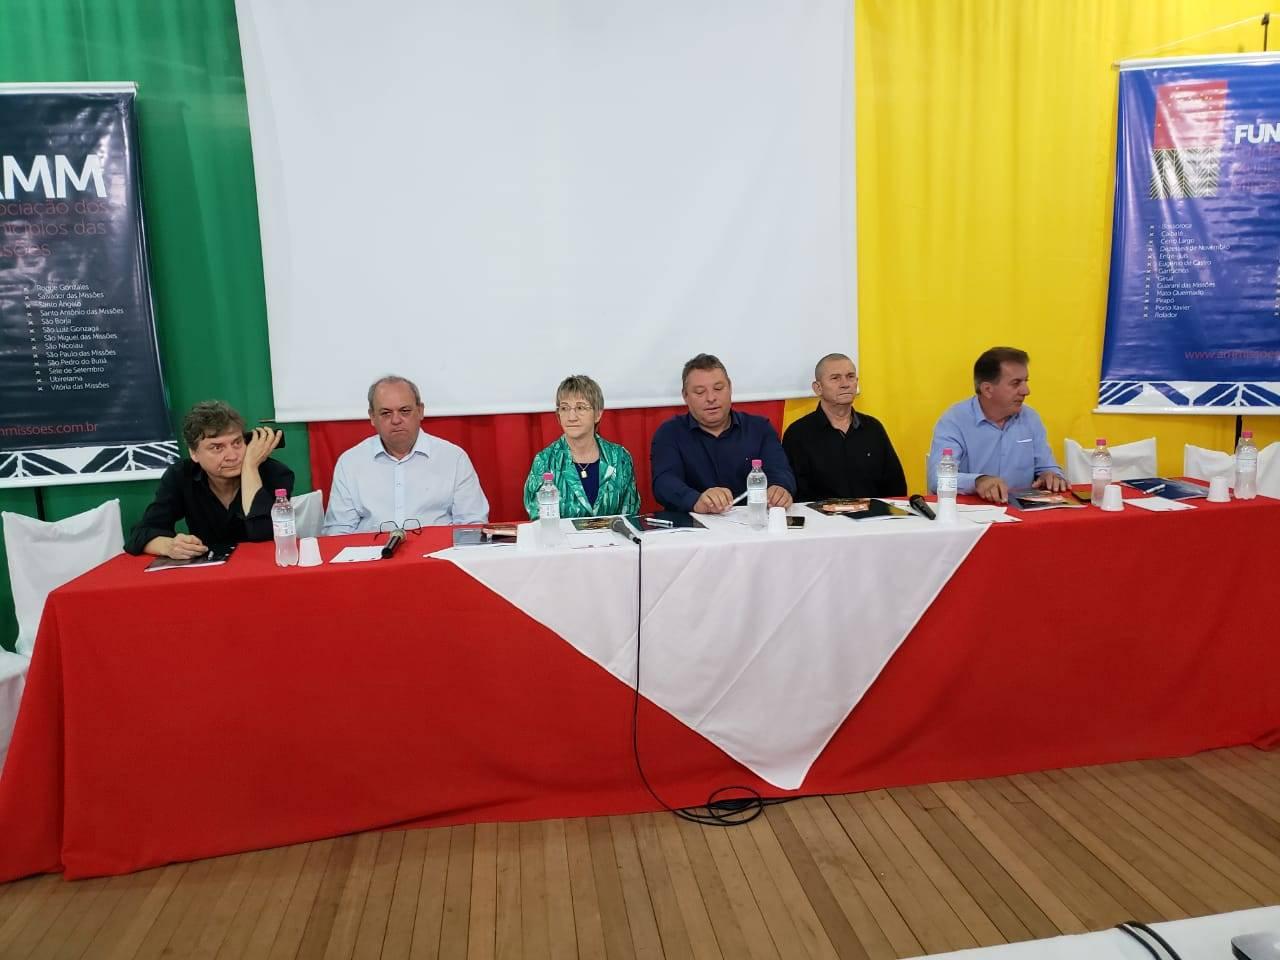 São Miguel das Missões sediou reunião da Associação dos Municípios das Missões